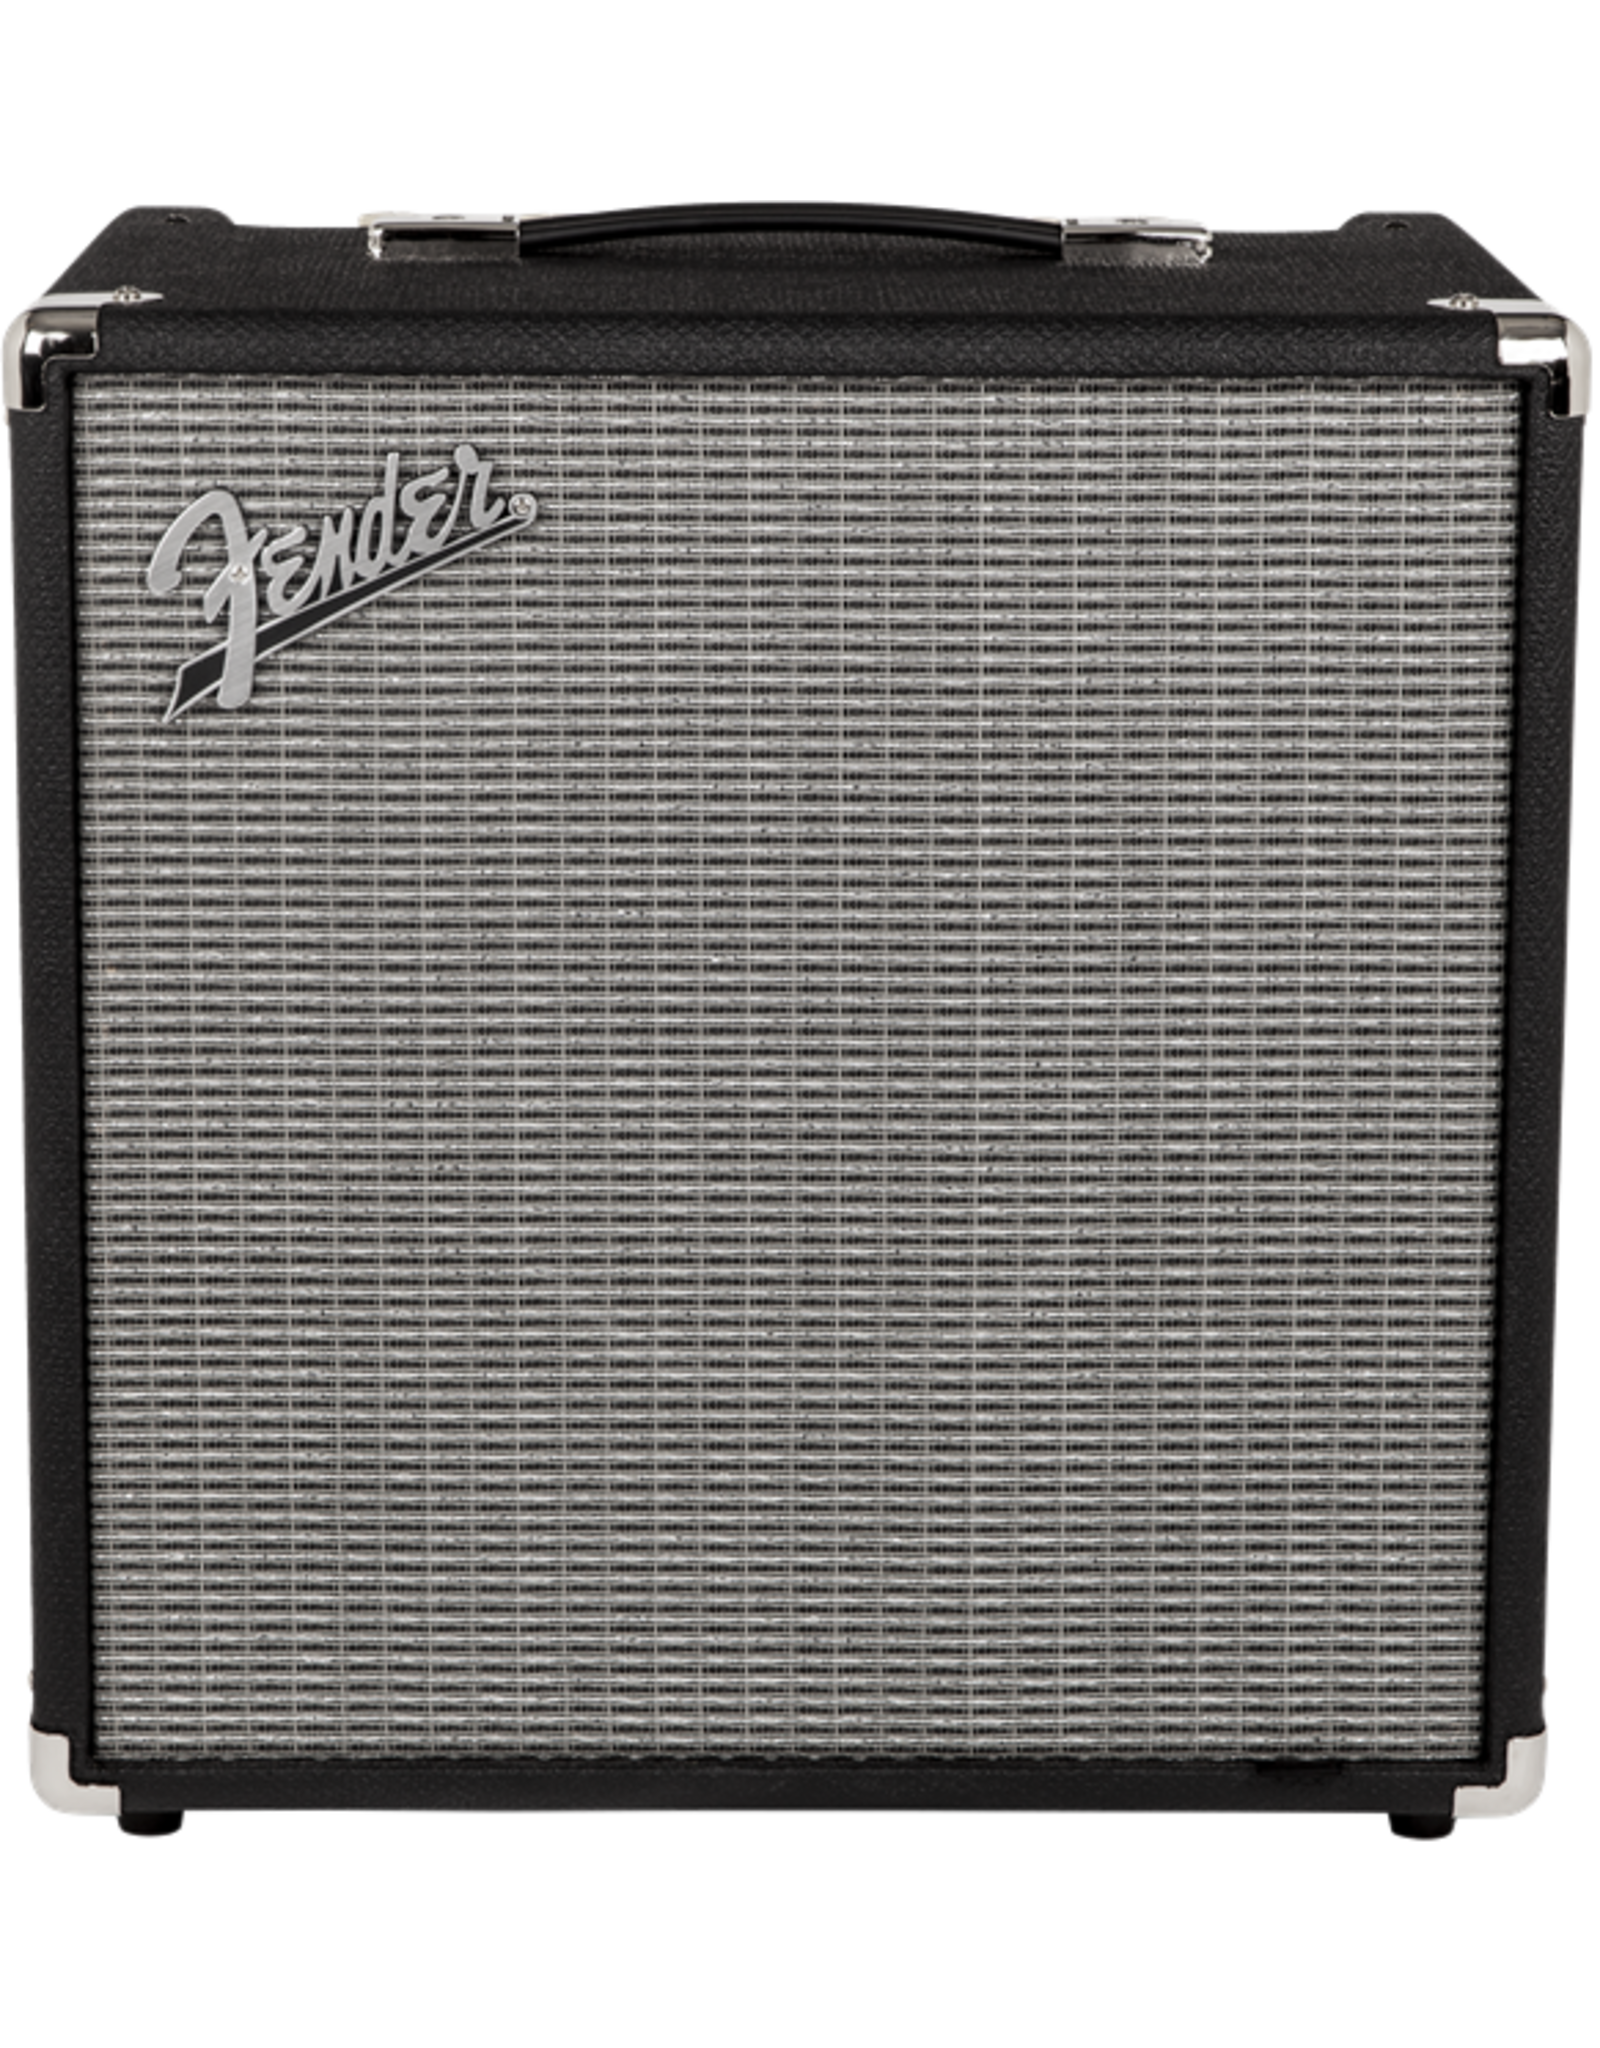 Fender Fender RUMBLE 40 V3